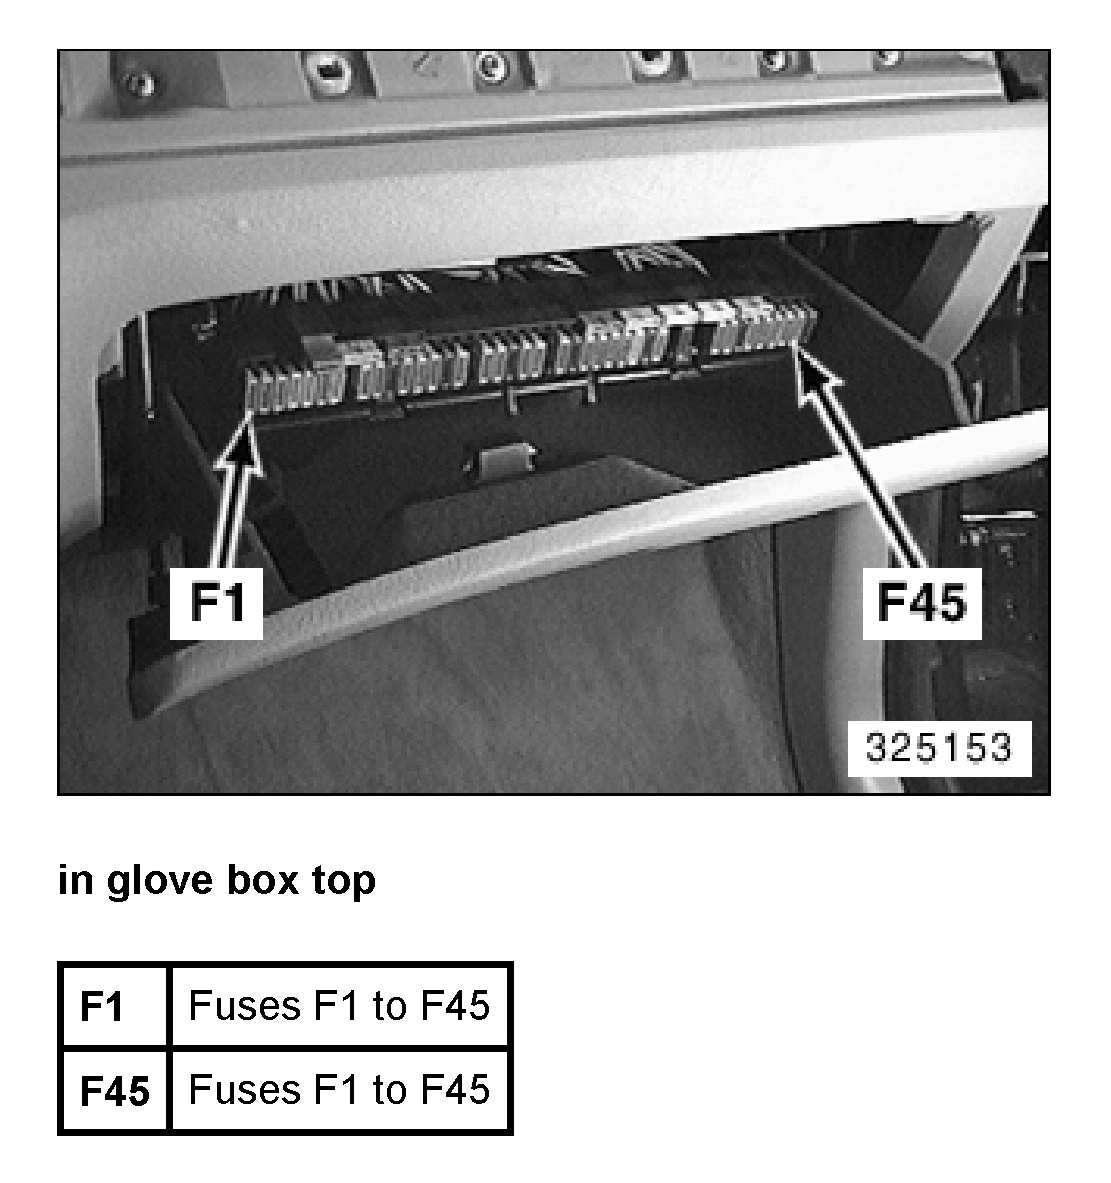 2003 Toyota Corolla Fuse Box Diagram